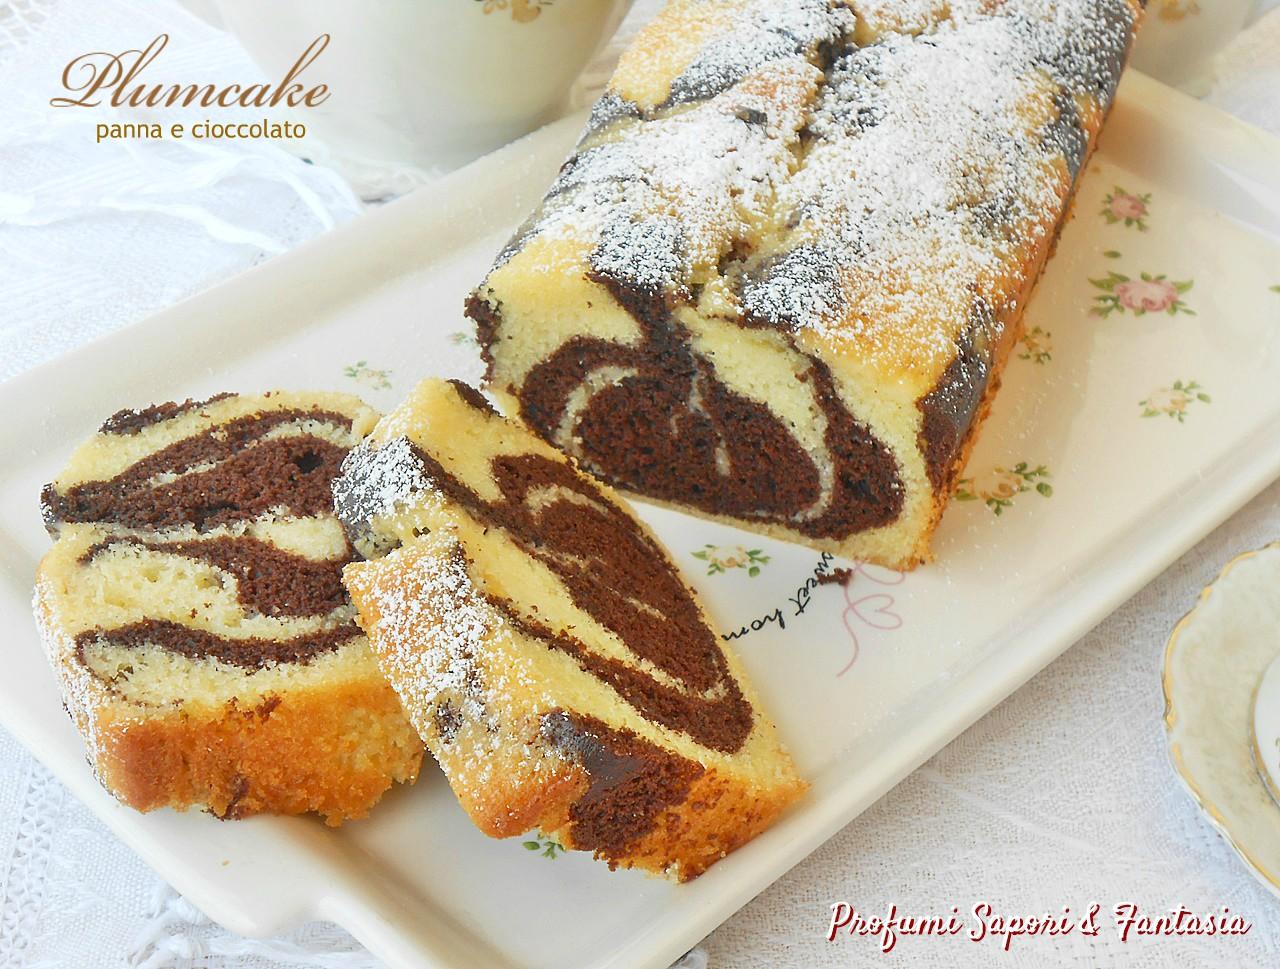 Plumcake panna e cioccolato nuova